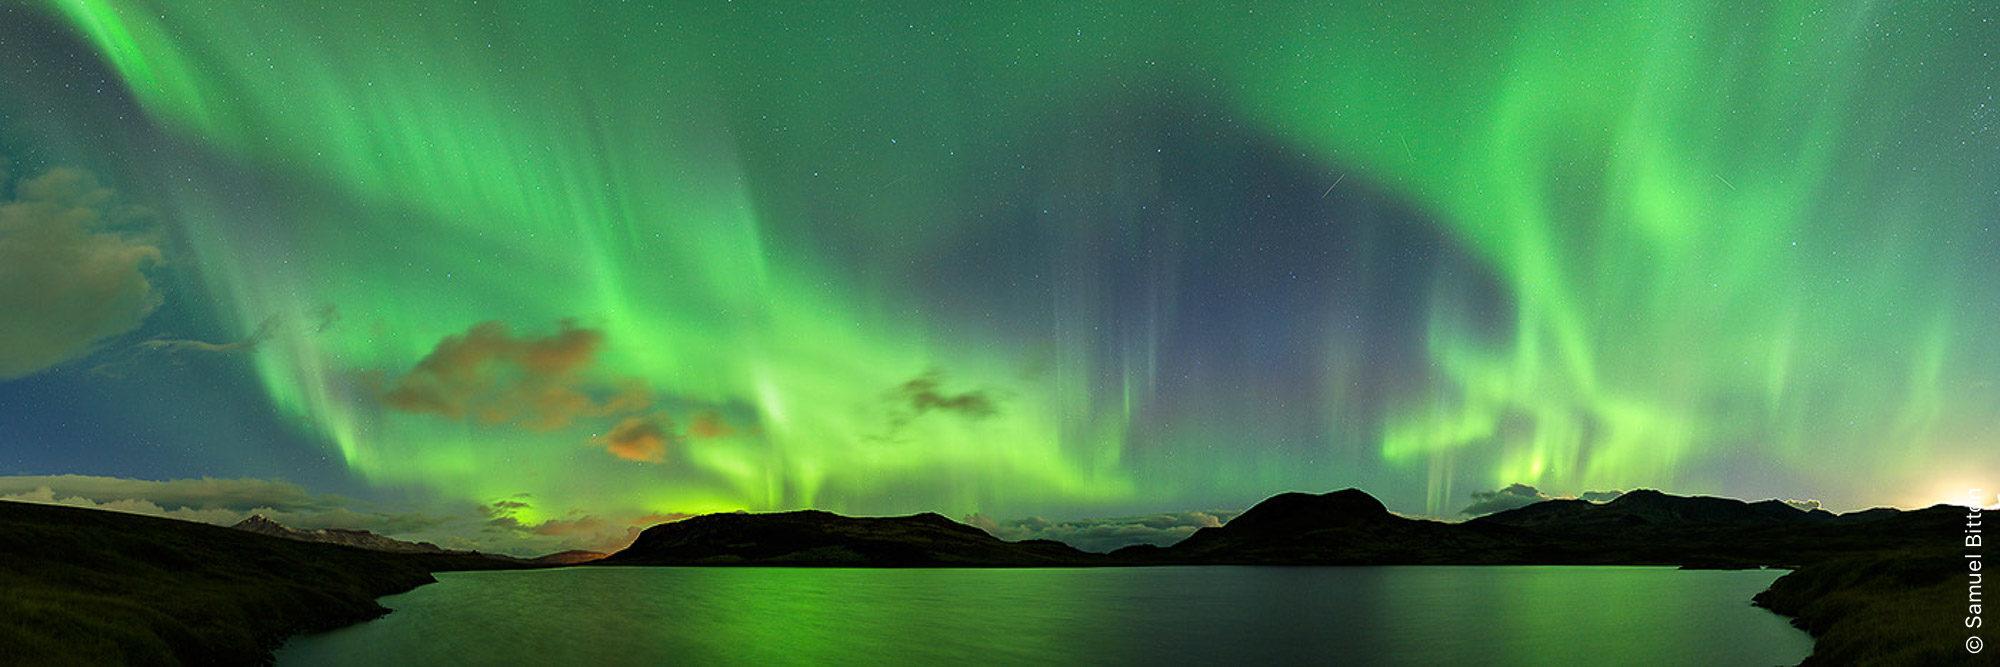 Aurores Boréales / Northern Lights